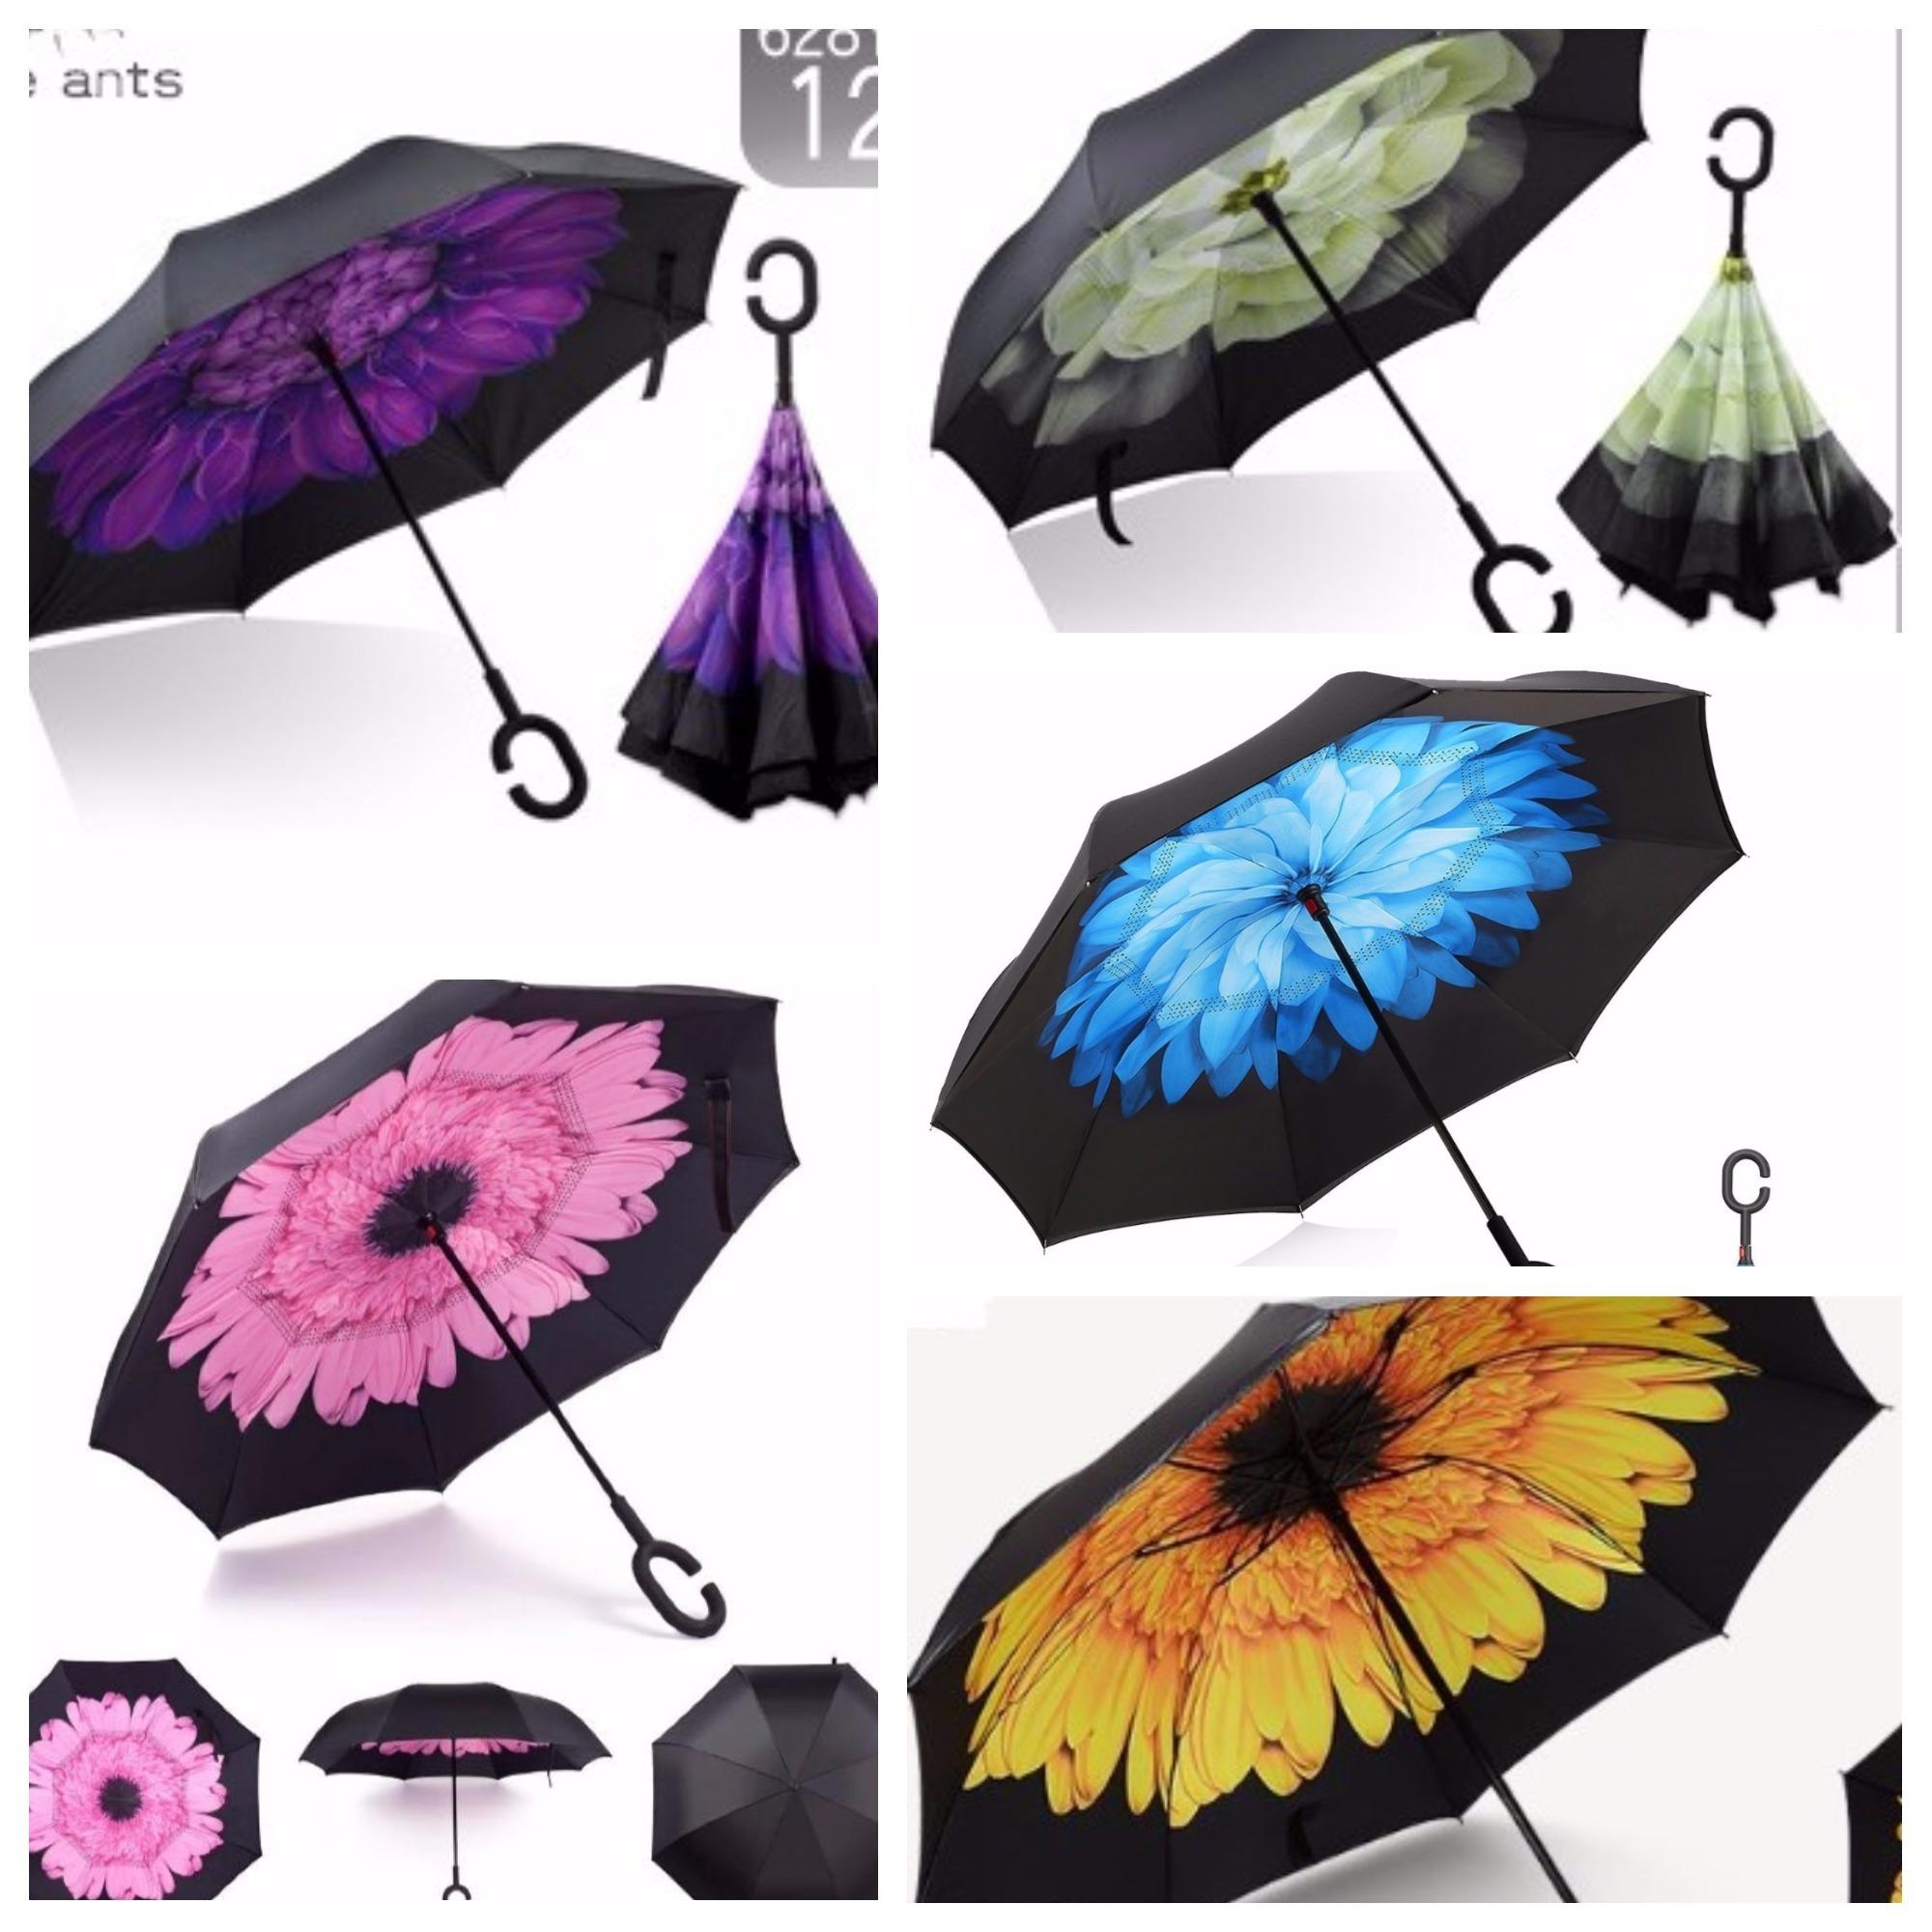 嵐 大野智 松本潤くん 相葉雅紀 櫻井翔 二宮和也さんがTVfanで持っていた花柄の傘